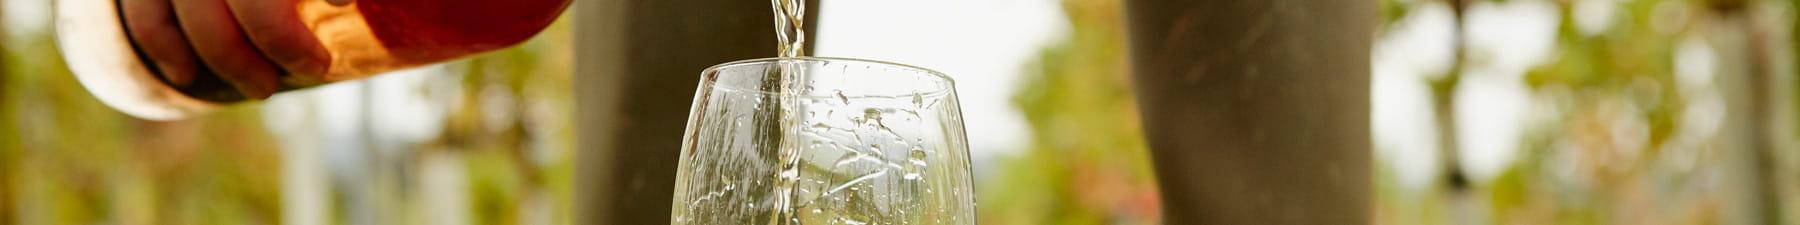 一名男士将葡萄酒倒入杯中